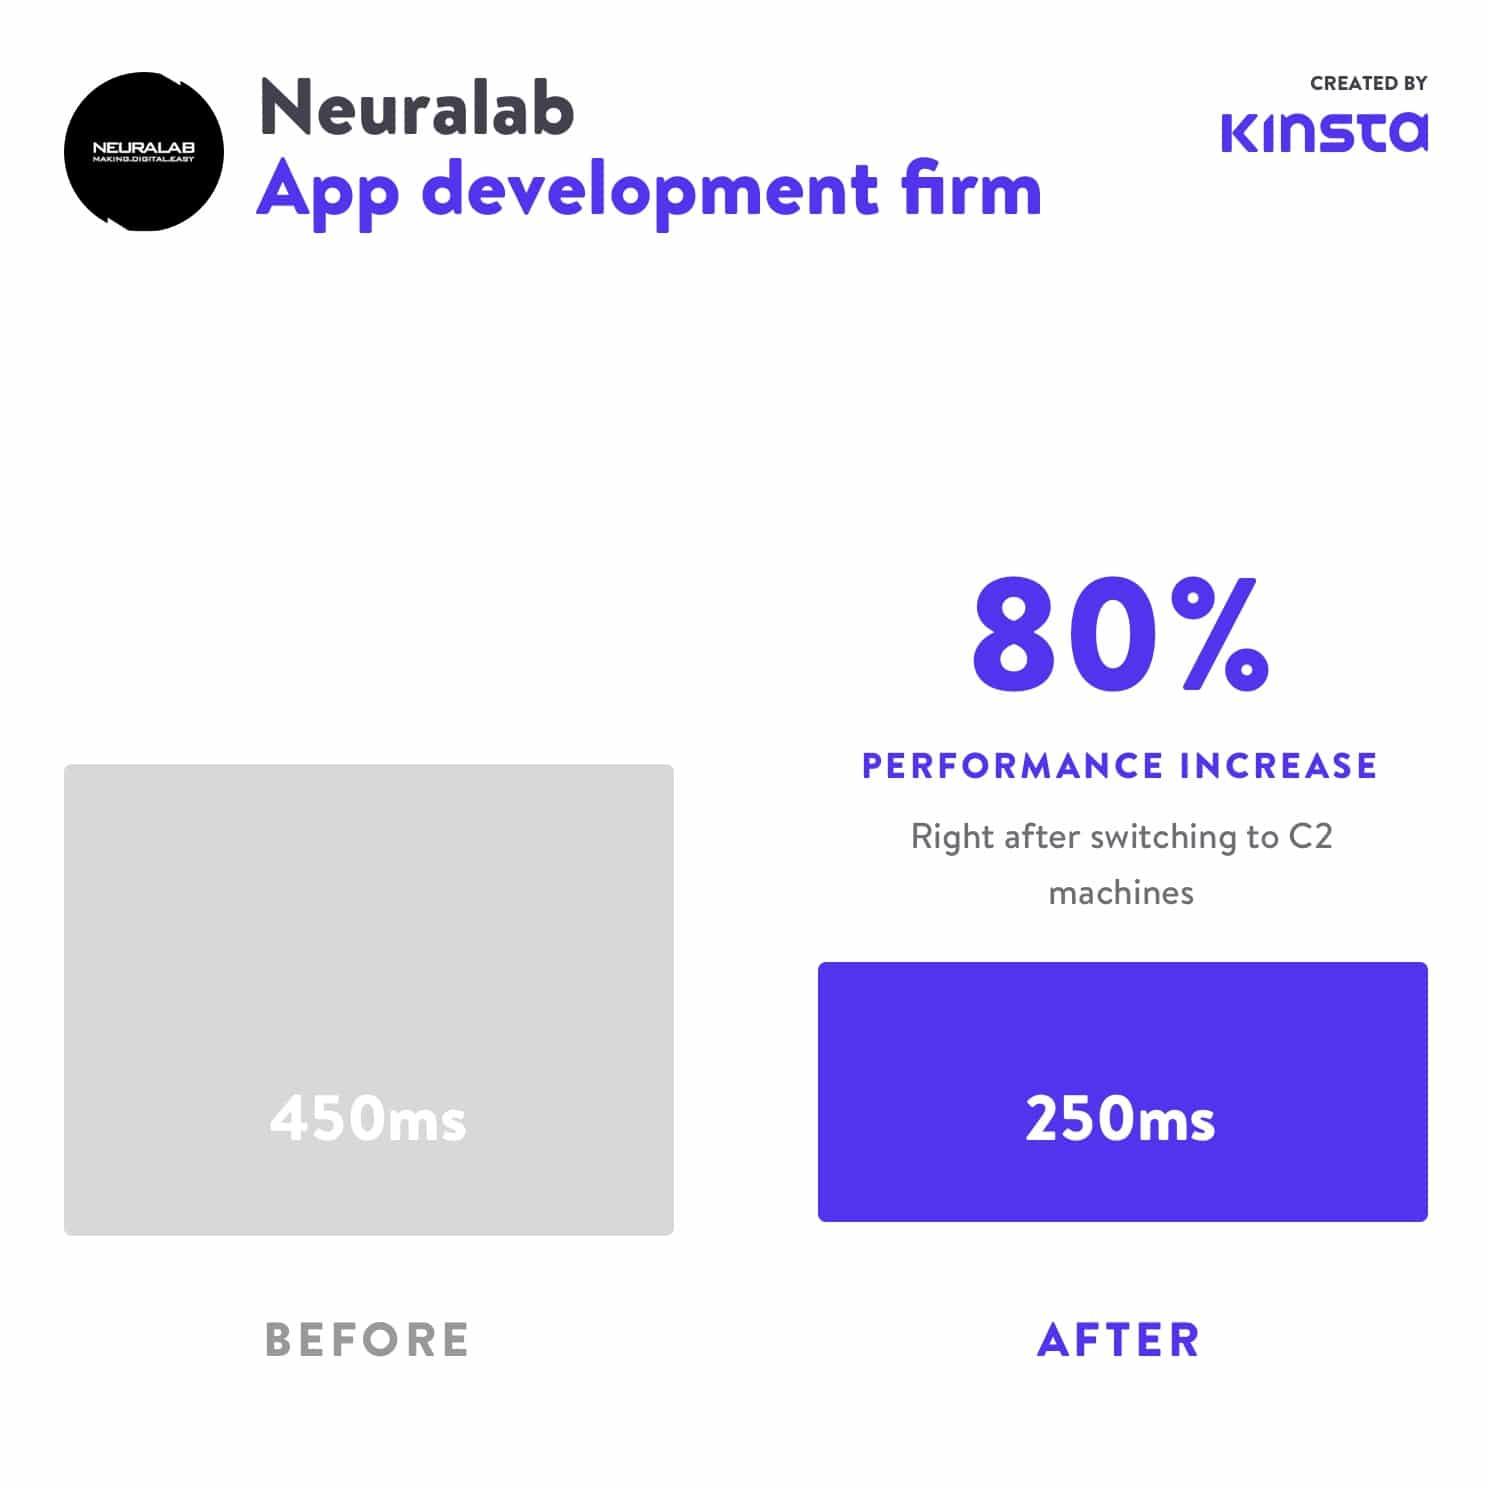 Neuralab experimentó un aumento del 80% en el rendimiento después de pasar a C2.